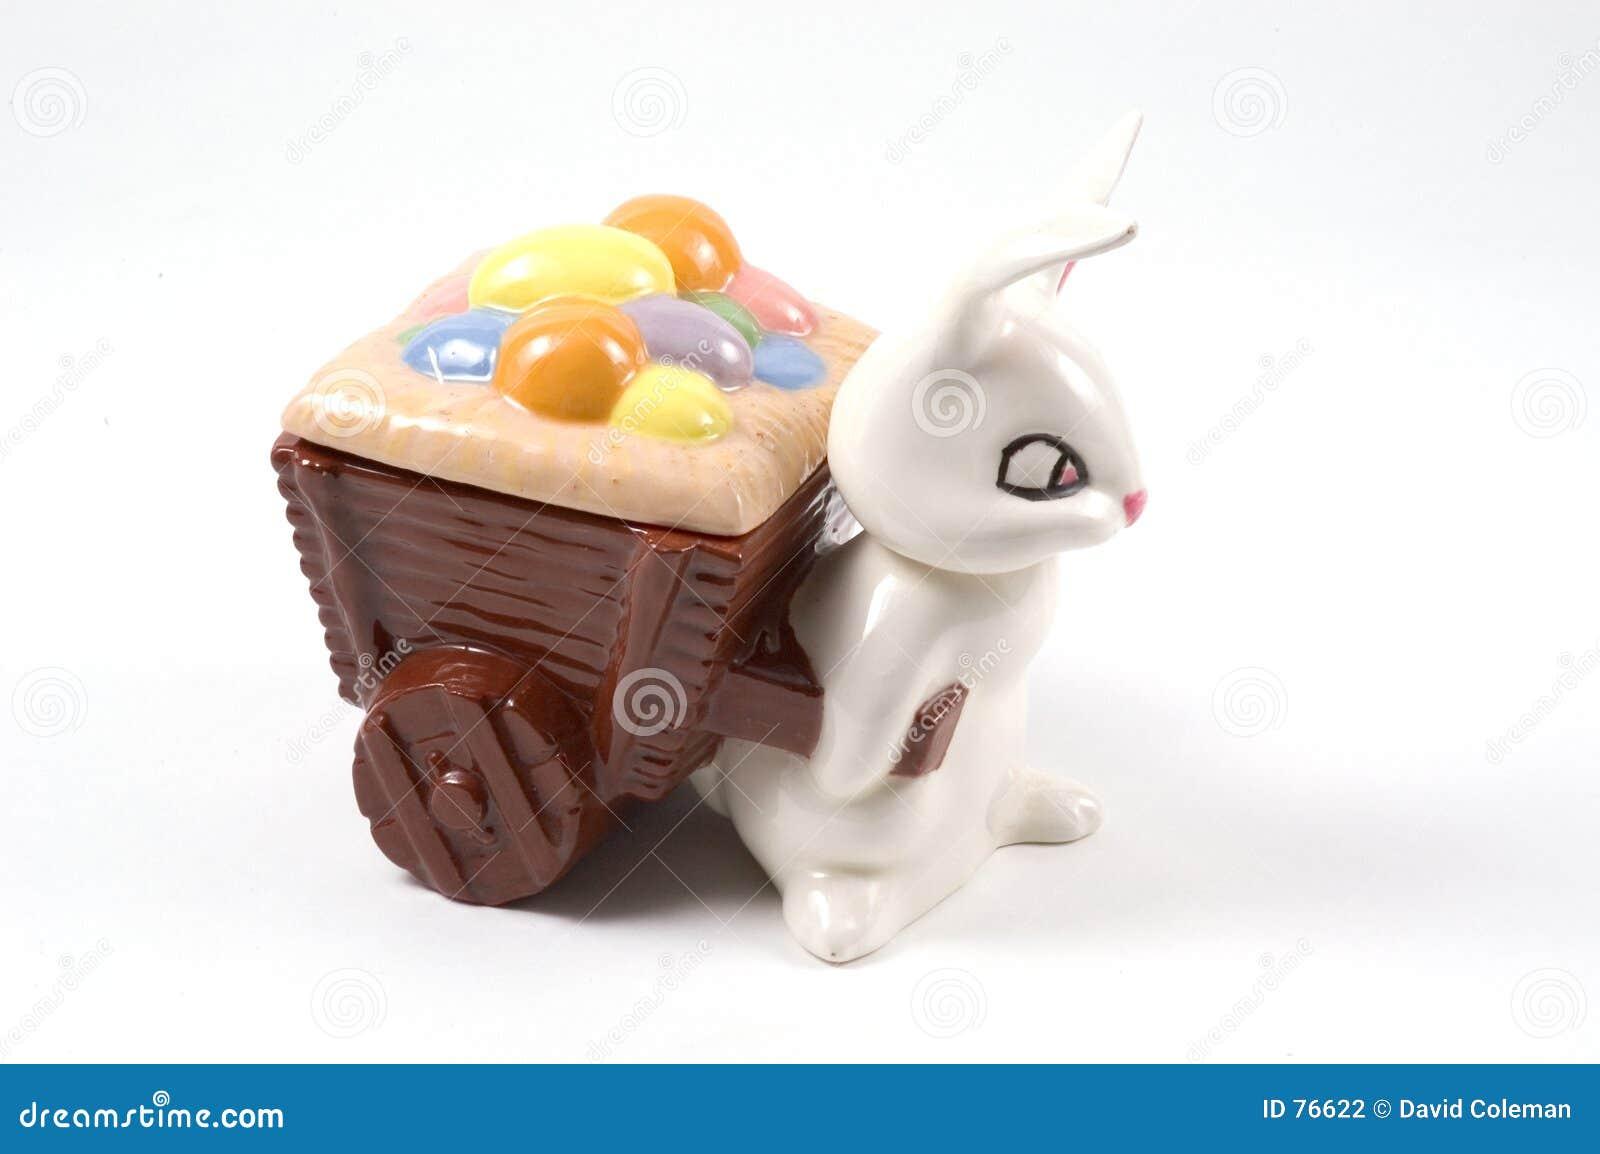 Candy Wielkanoc statku